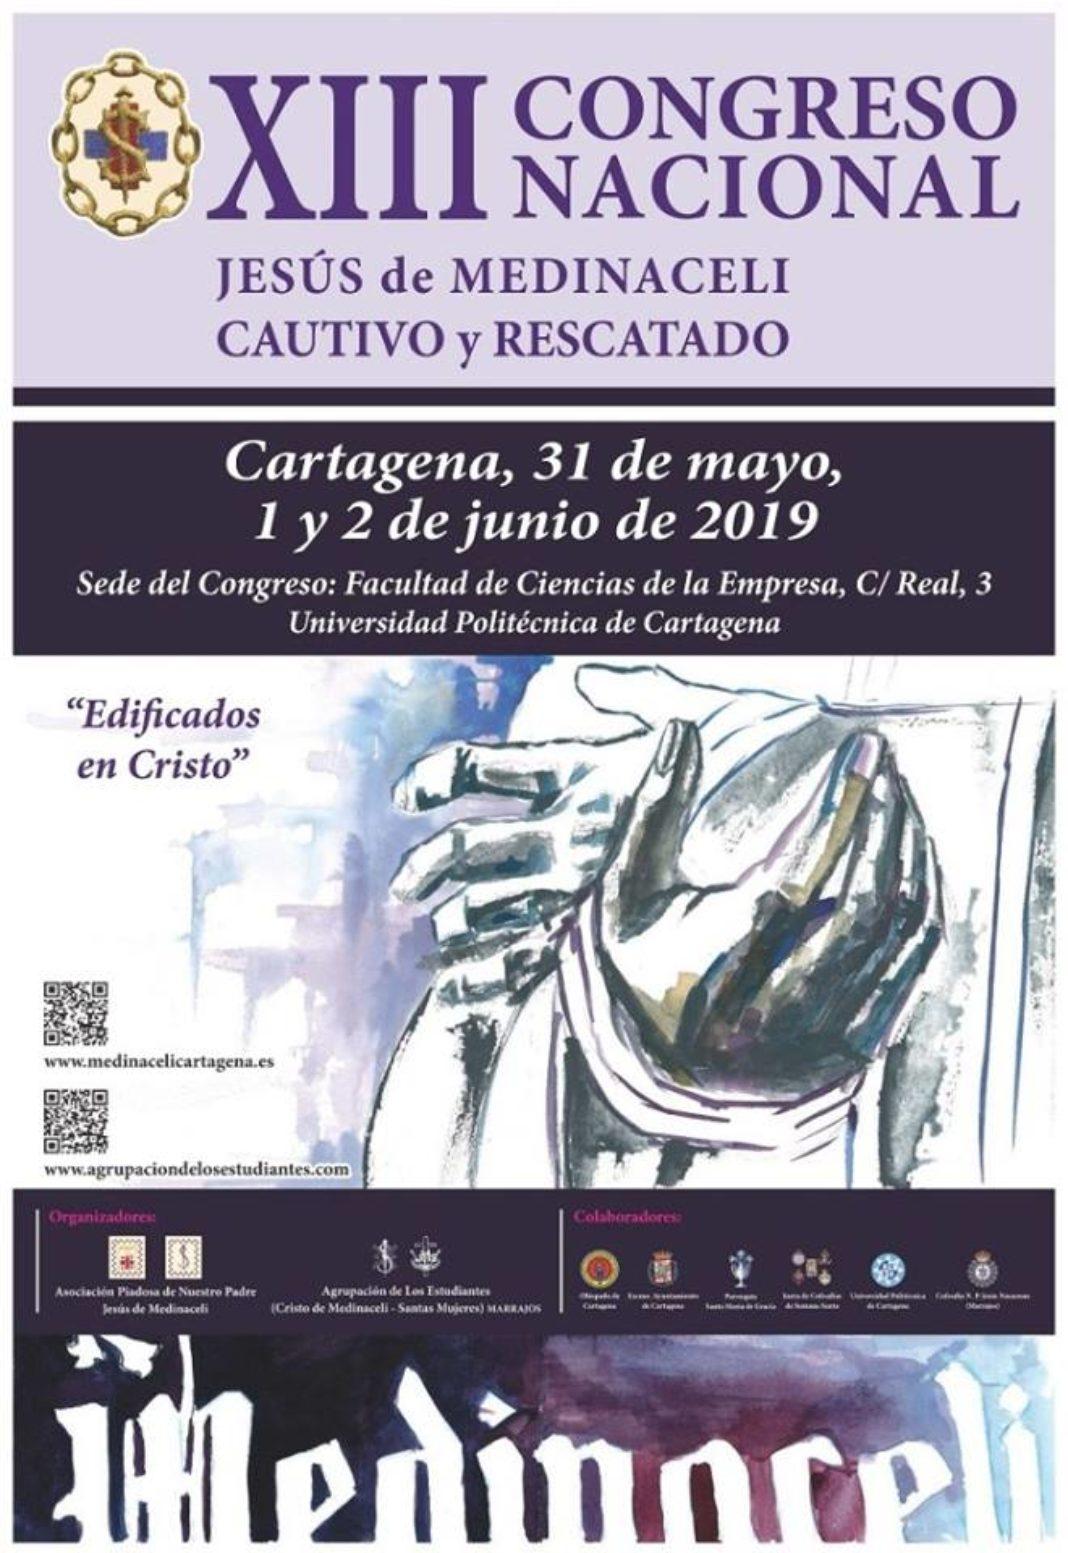 XIII Congreso Nacional de Jesús de Medinaceli Cautivo y Rescatado 1068x1553 - La hermandad de Jesús de Medinaceli asistirá al Congreso Nacional de Cartagena